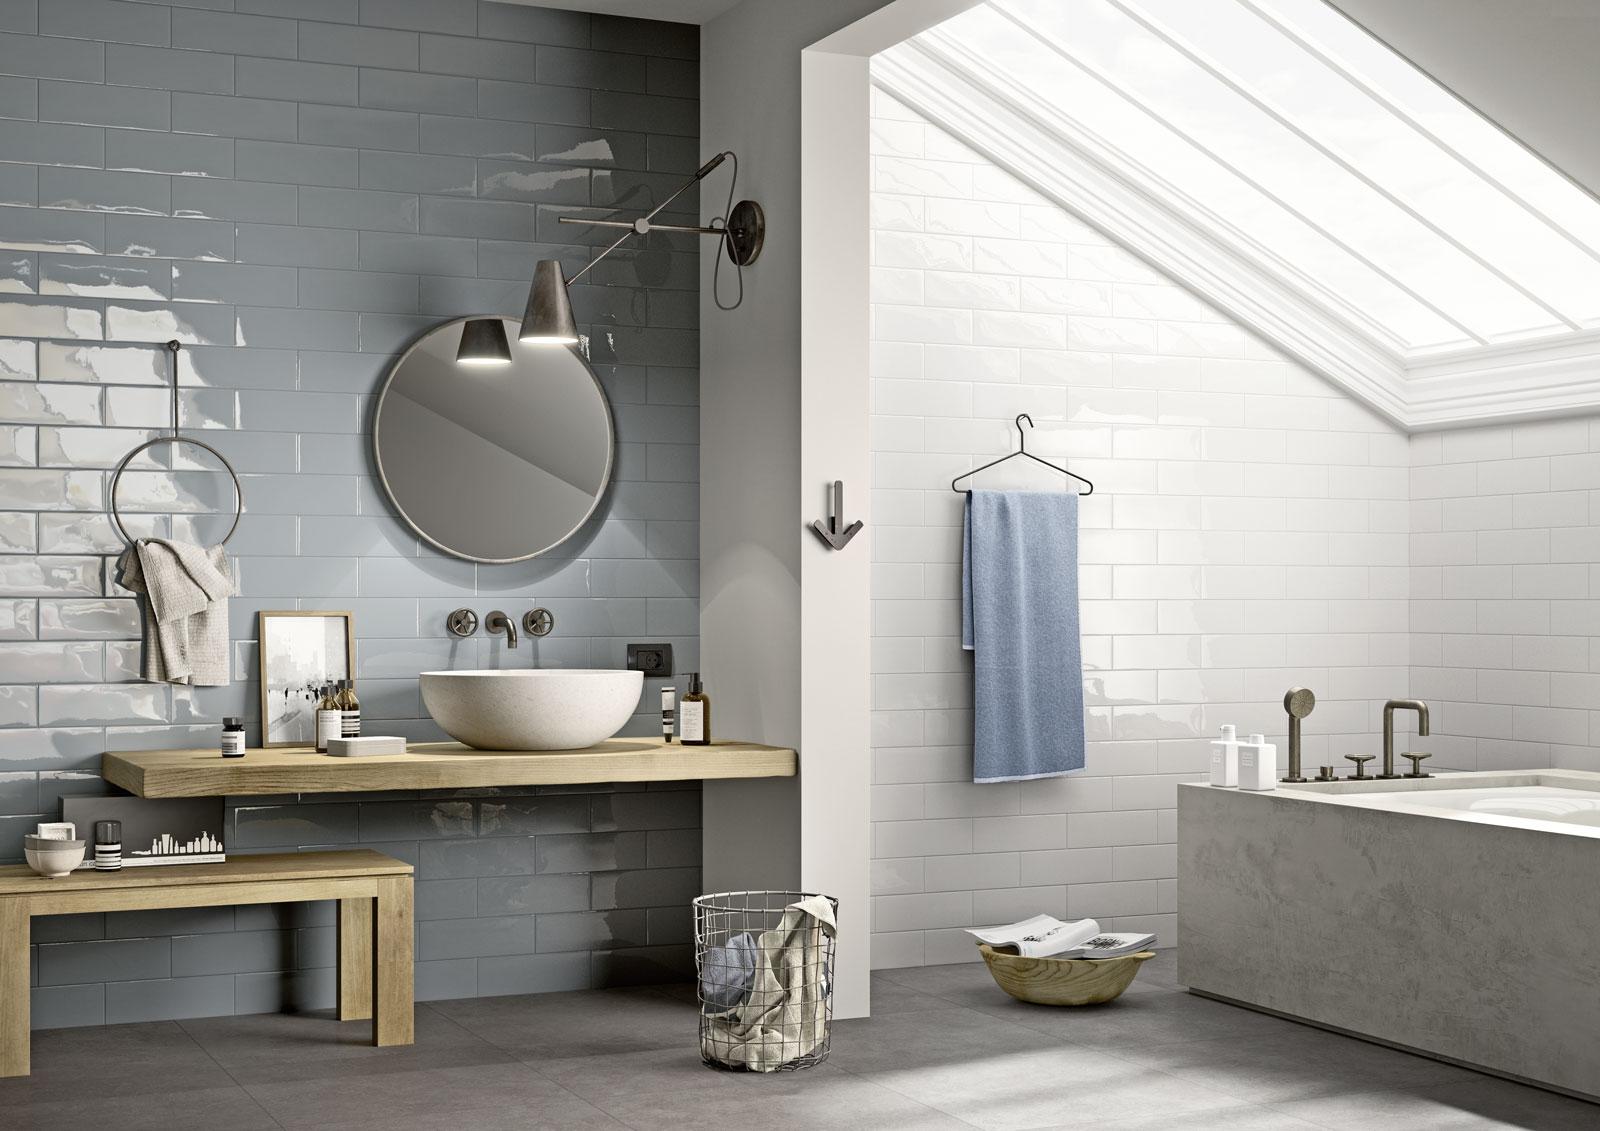 Mellow piastrelle ceramica da rivestimento marazzi for Marazzi bagno